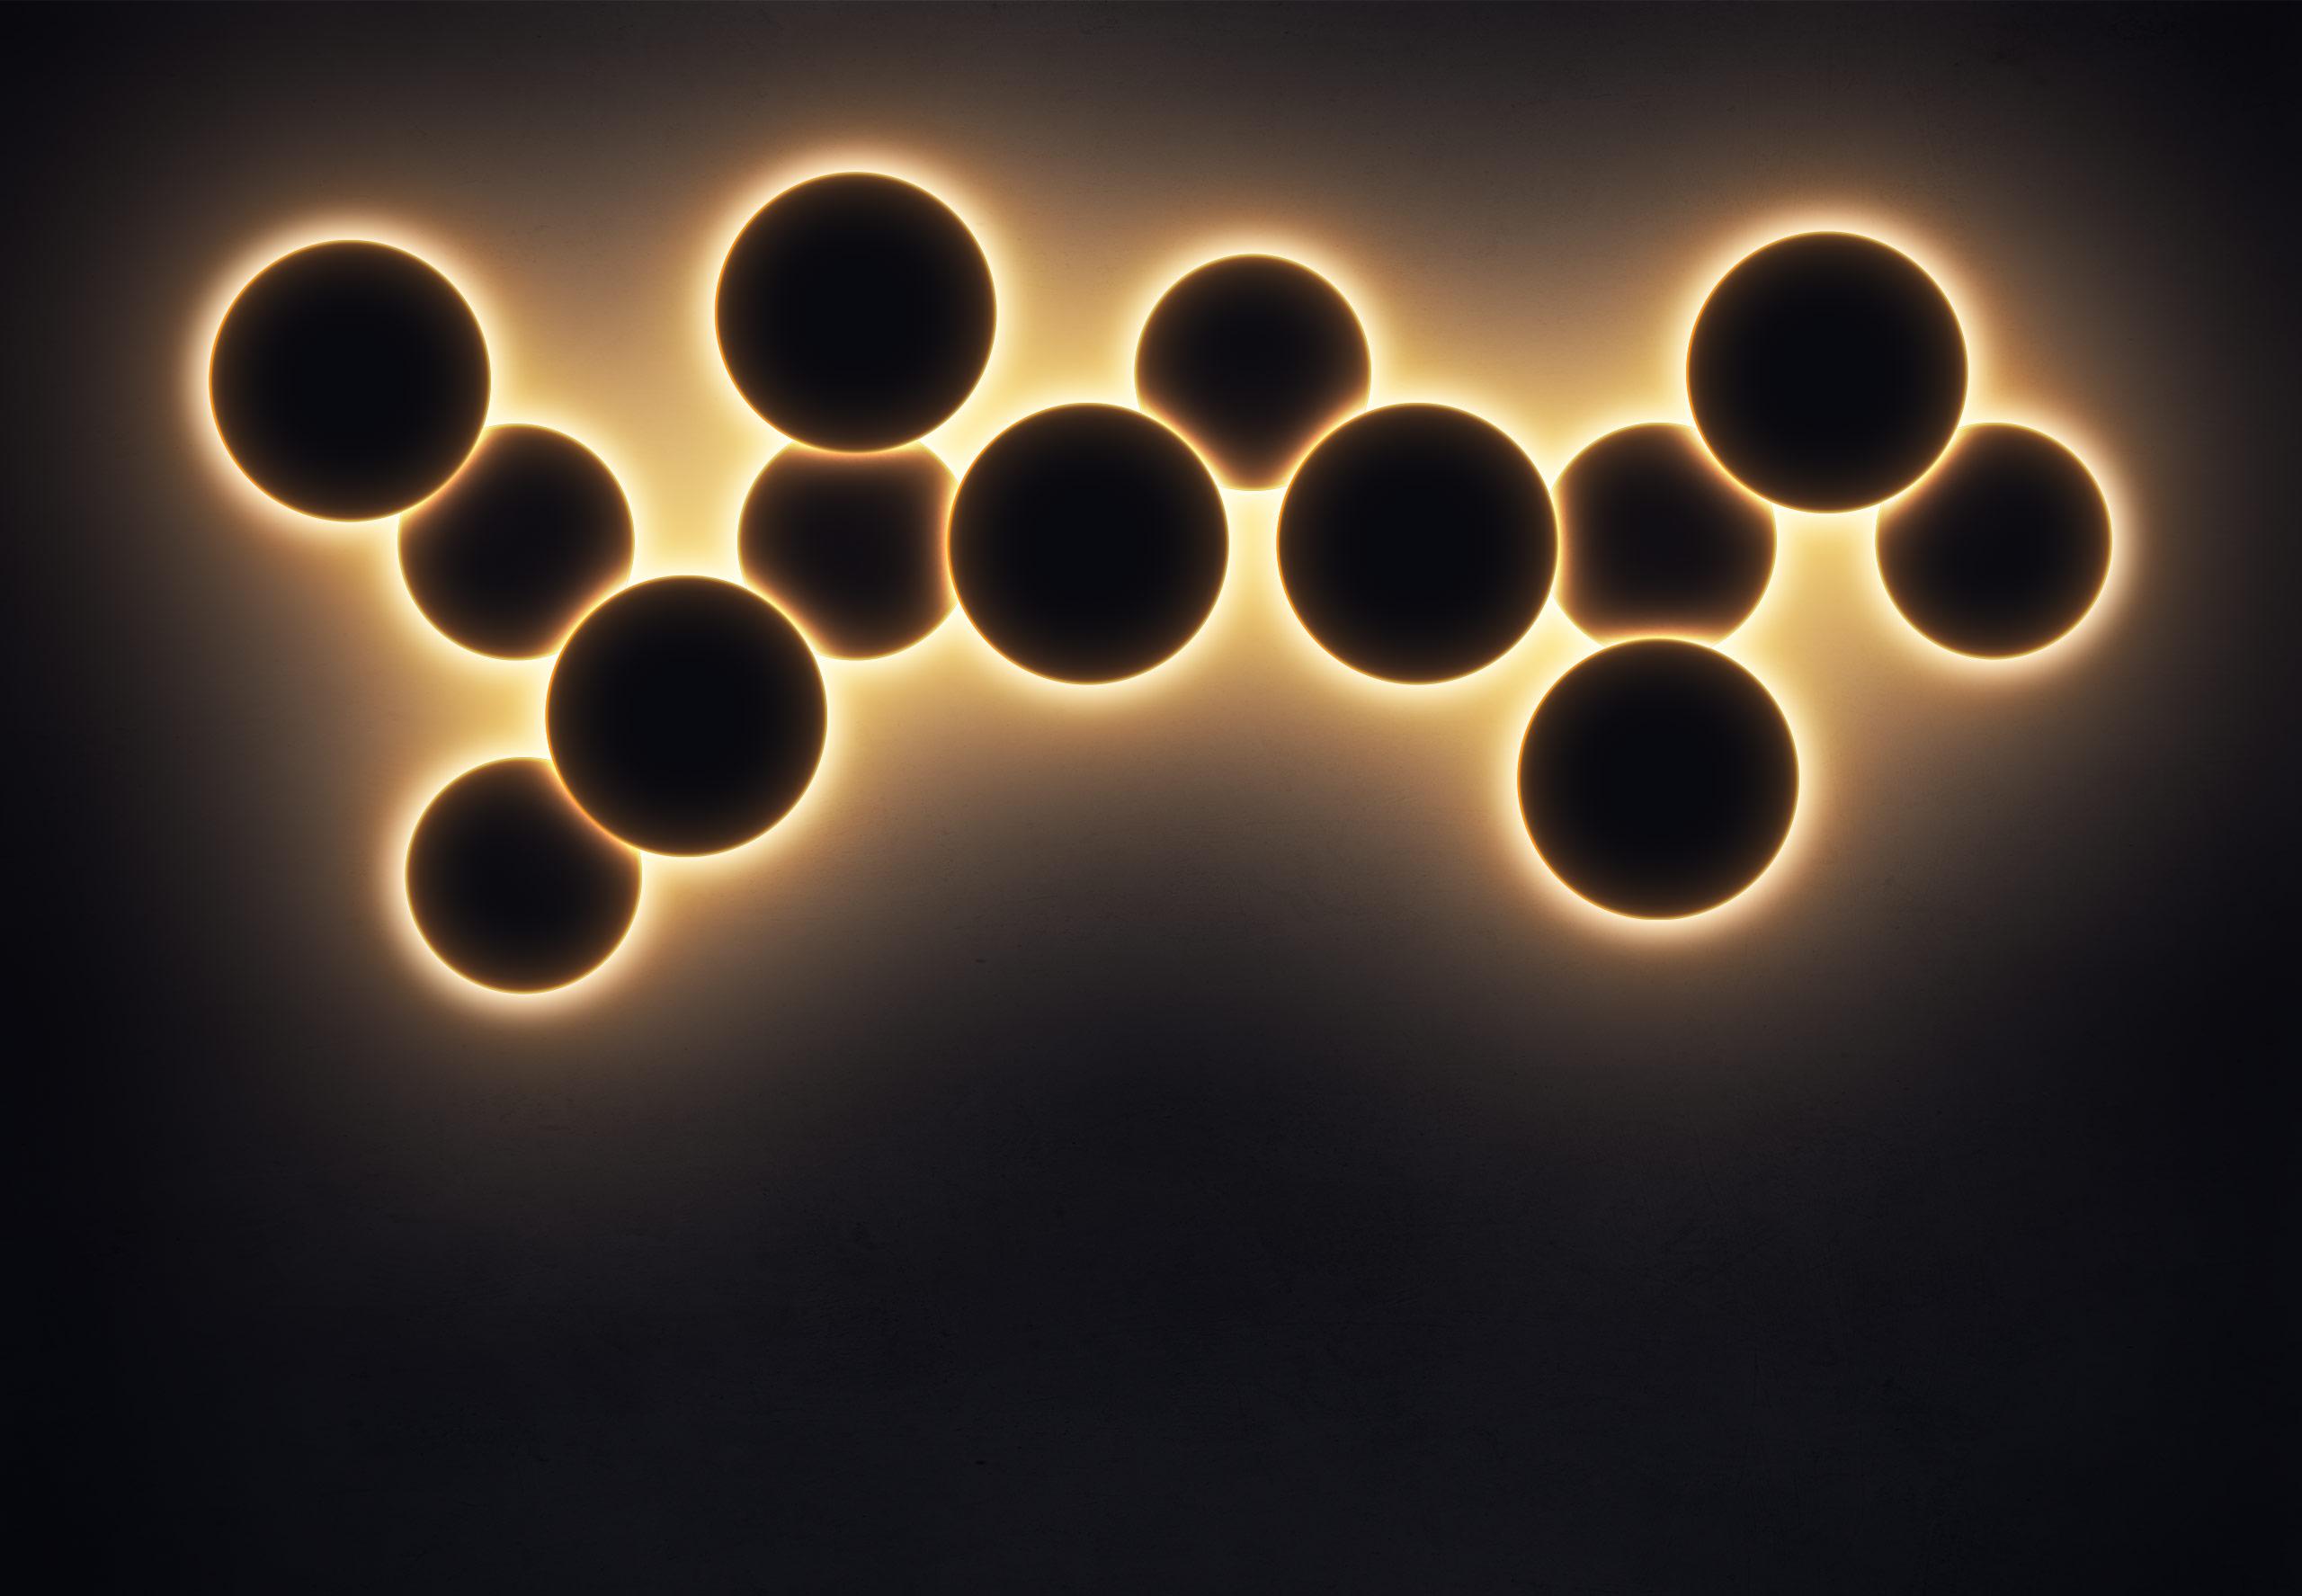 eclipse_glavbanner